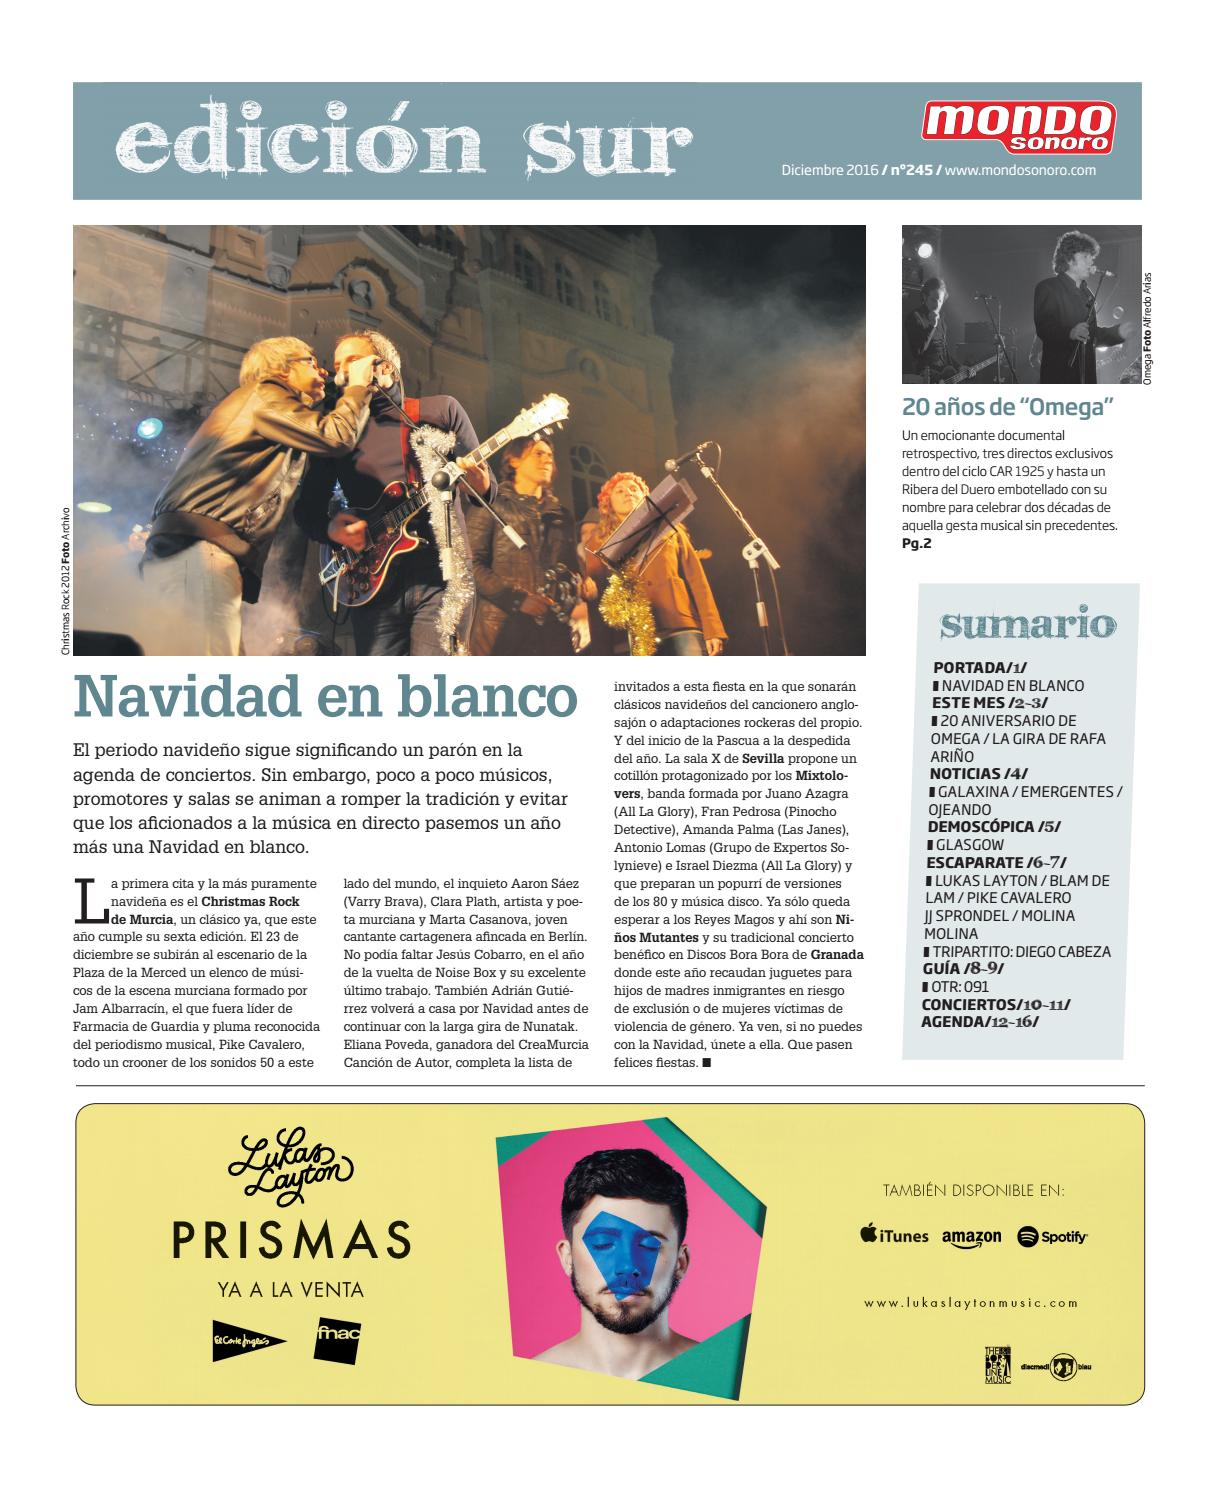 Mondosonoro Sur Diciembre 2016 by MONDOSONORO SUR - issuu